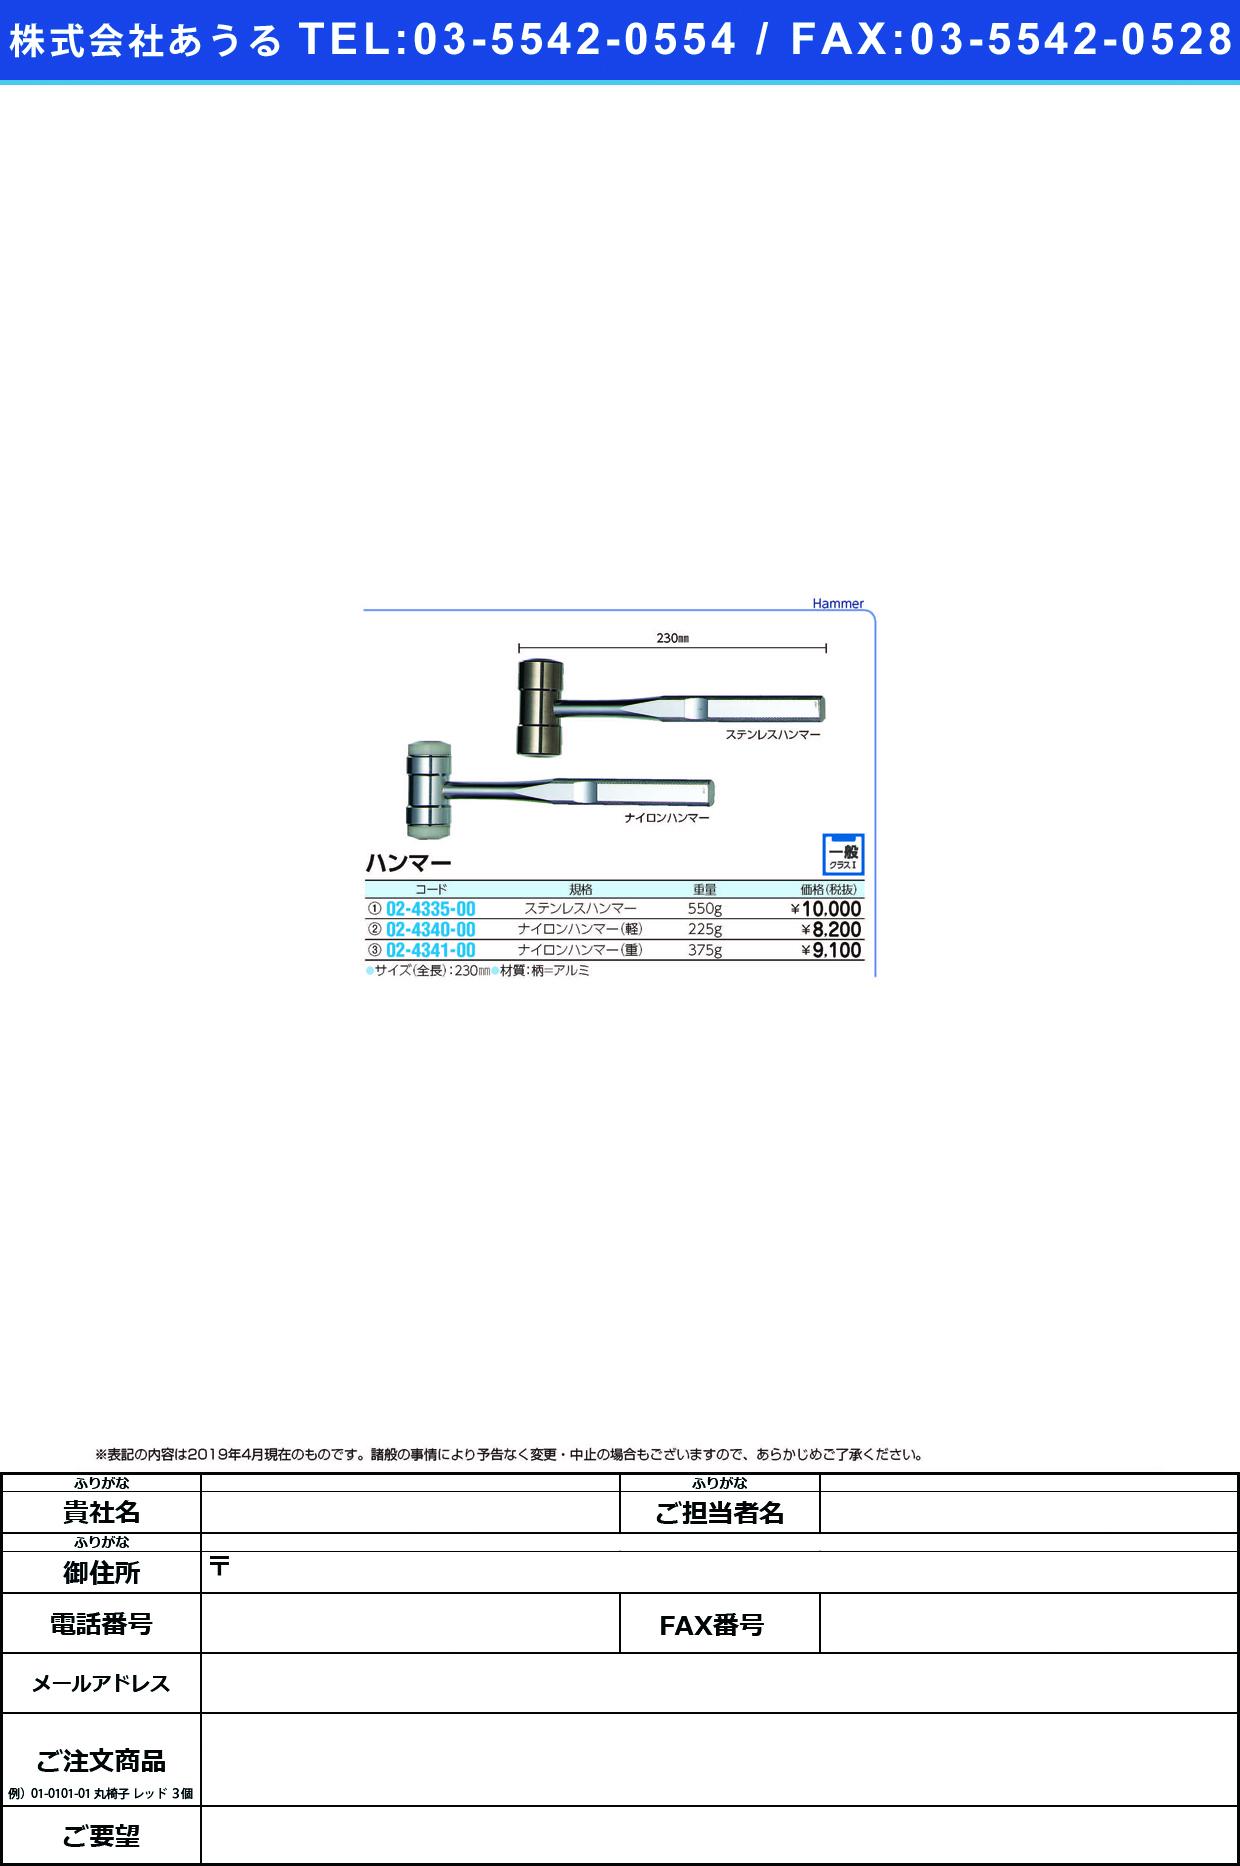 (02-4341-00)ナイロンハンマー(重) 375G ナイロンハンマー(ジュウ)【1本単位】【2019年カタログ商品】